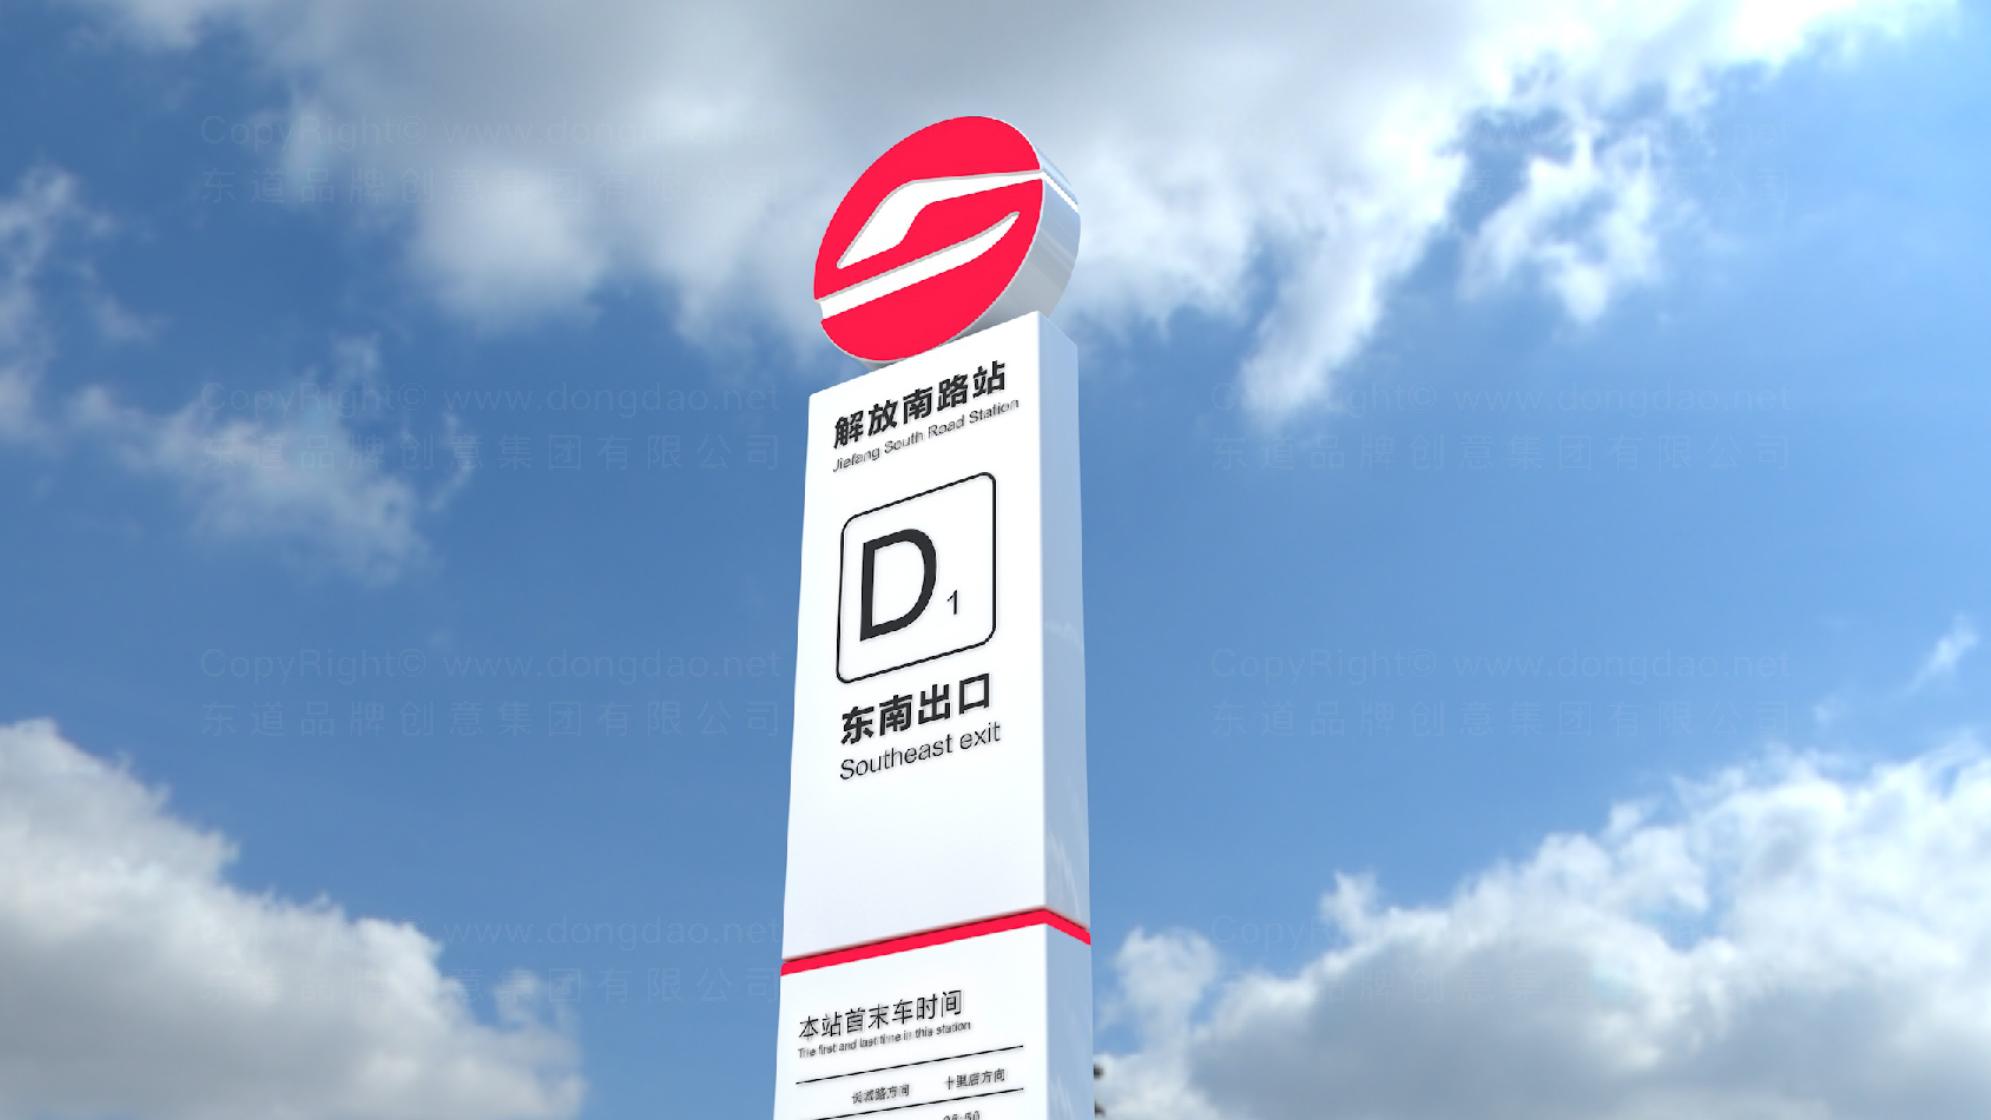 品牌设计绍兴地铁LOGO&VI设计应用场景_1